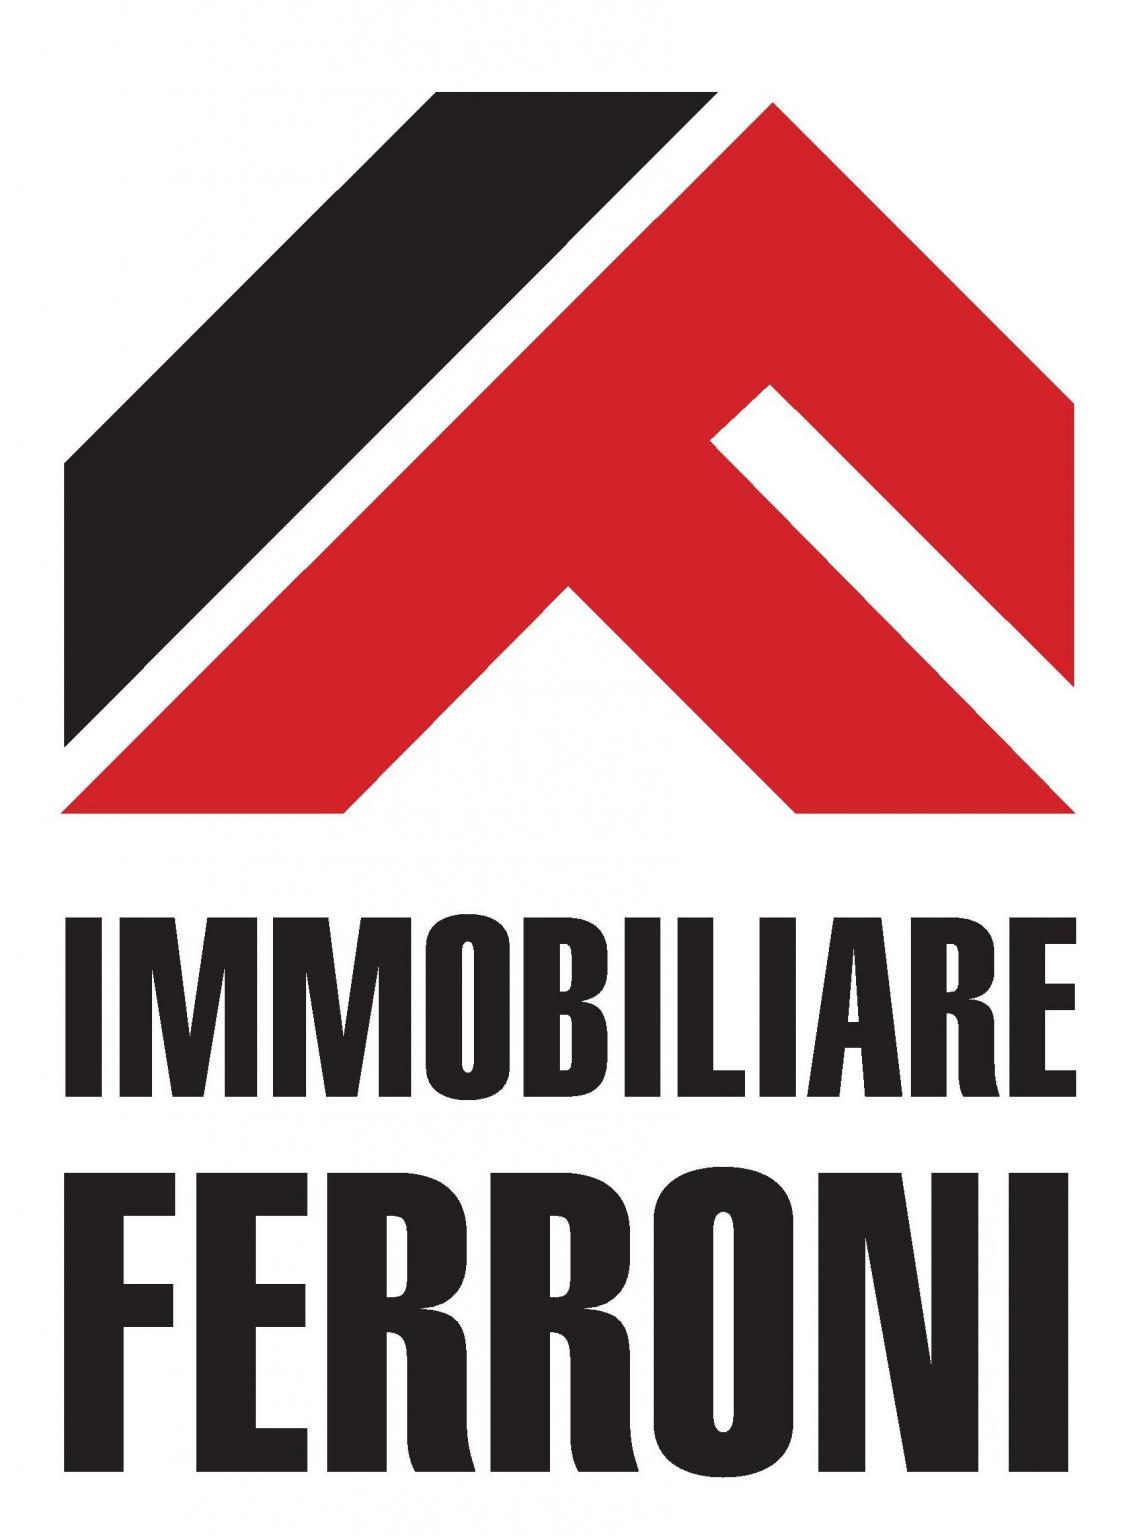 IMMOBILIARE FERRONI di Ferroni Michele